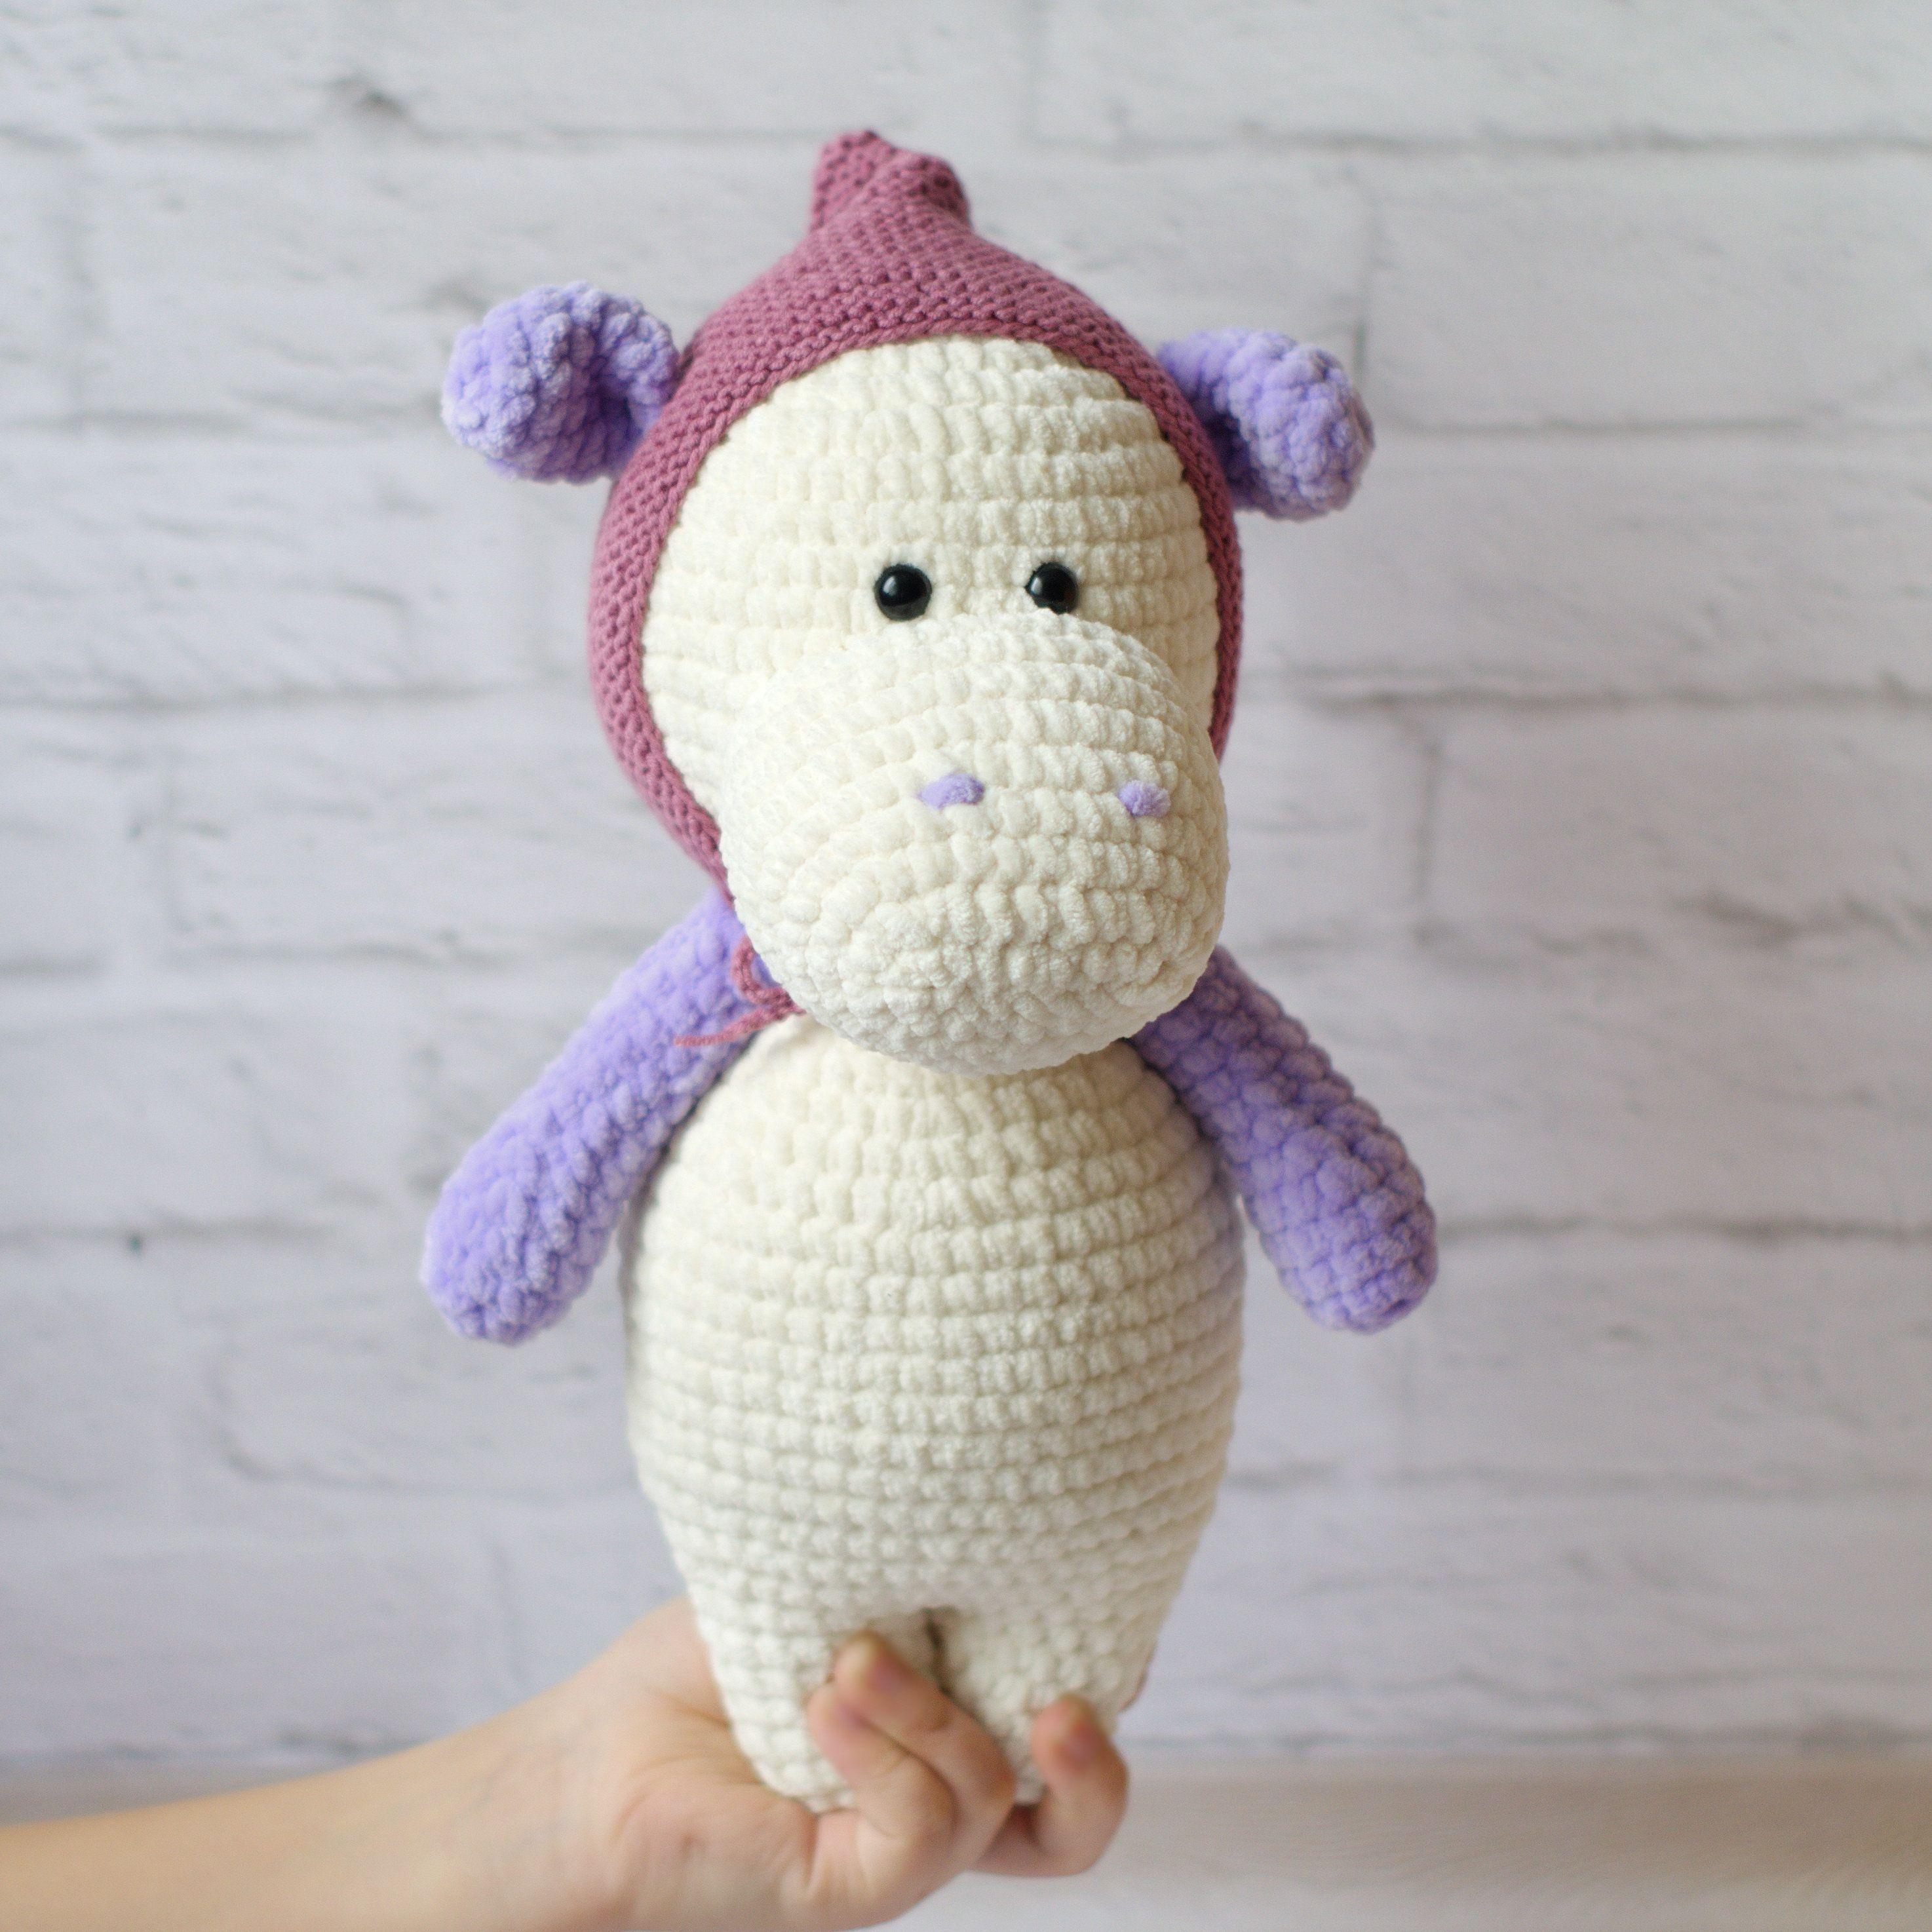 Hippo ,Crochet hippo toy ,Crocheted hippo ,Amigurumi Hippo ... | 2948x2948